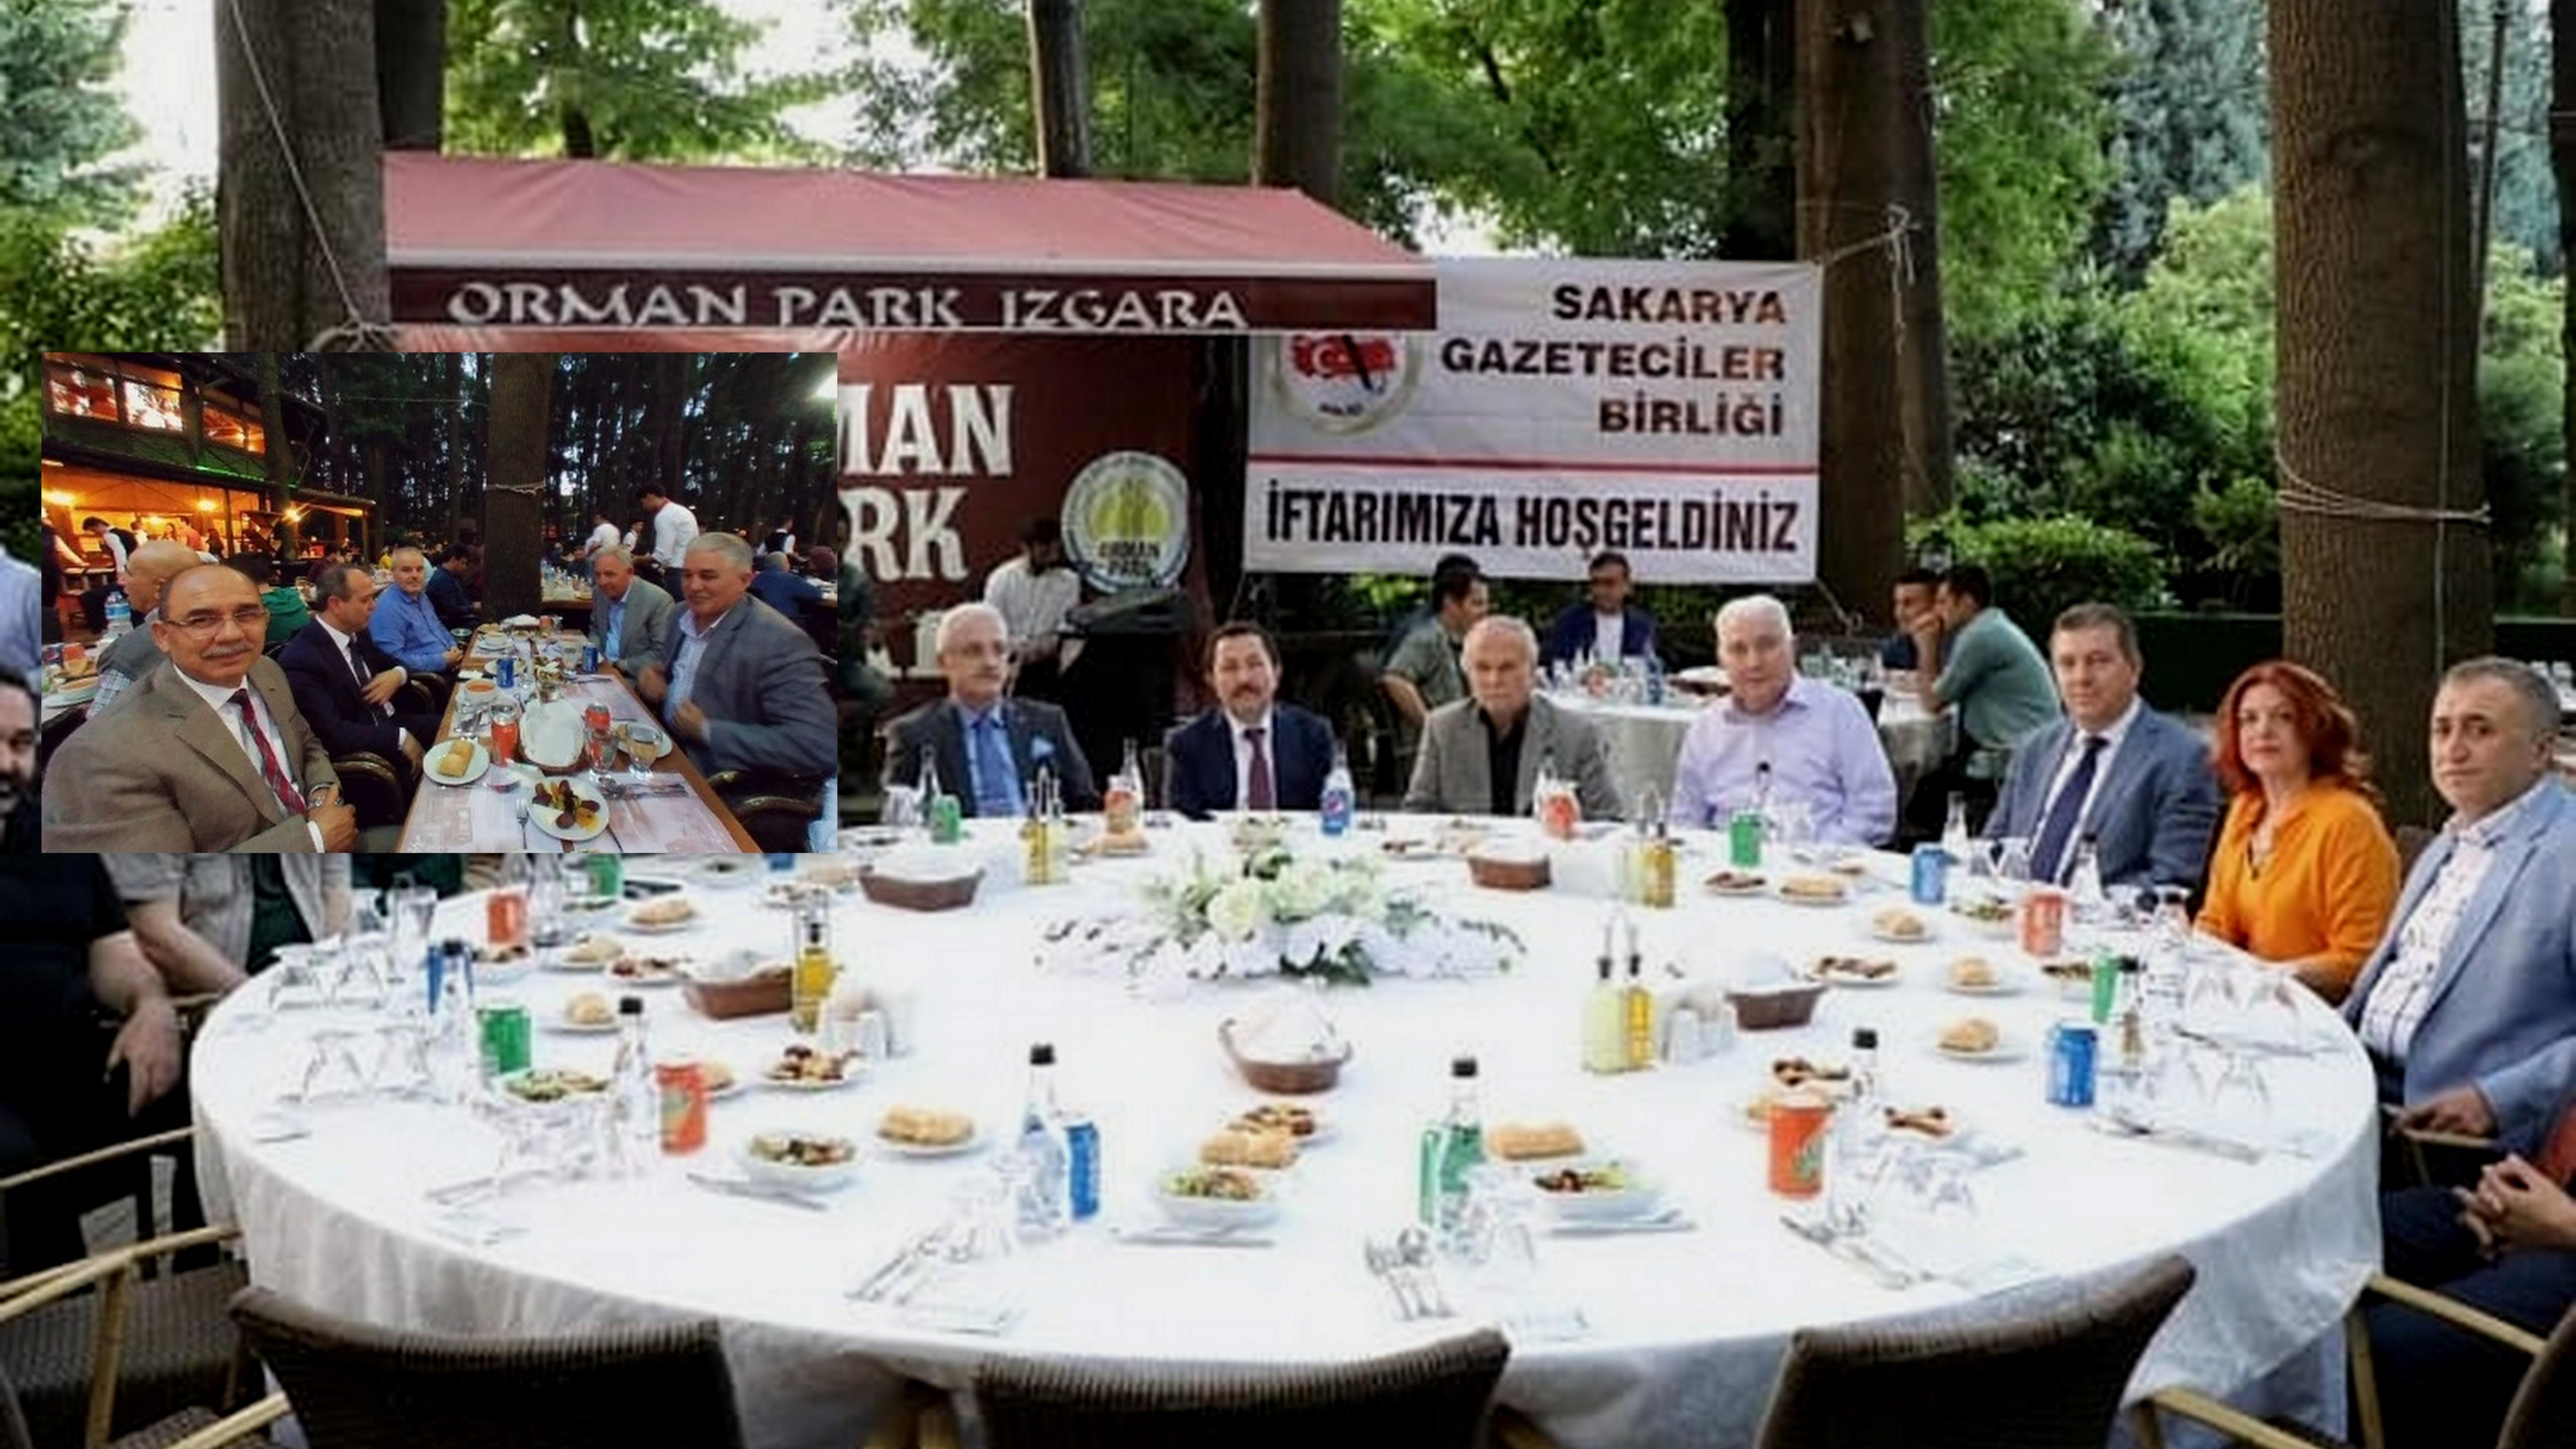 Sakarya Gazeteciler Birliği'nin (SGB) iftarı gerçekleşti